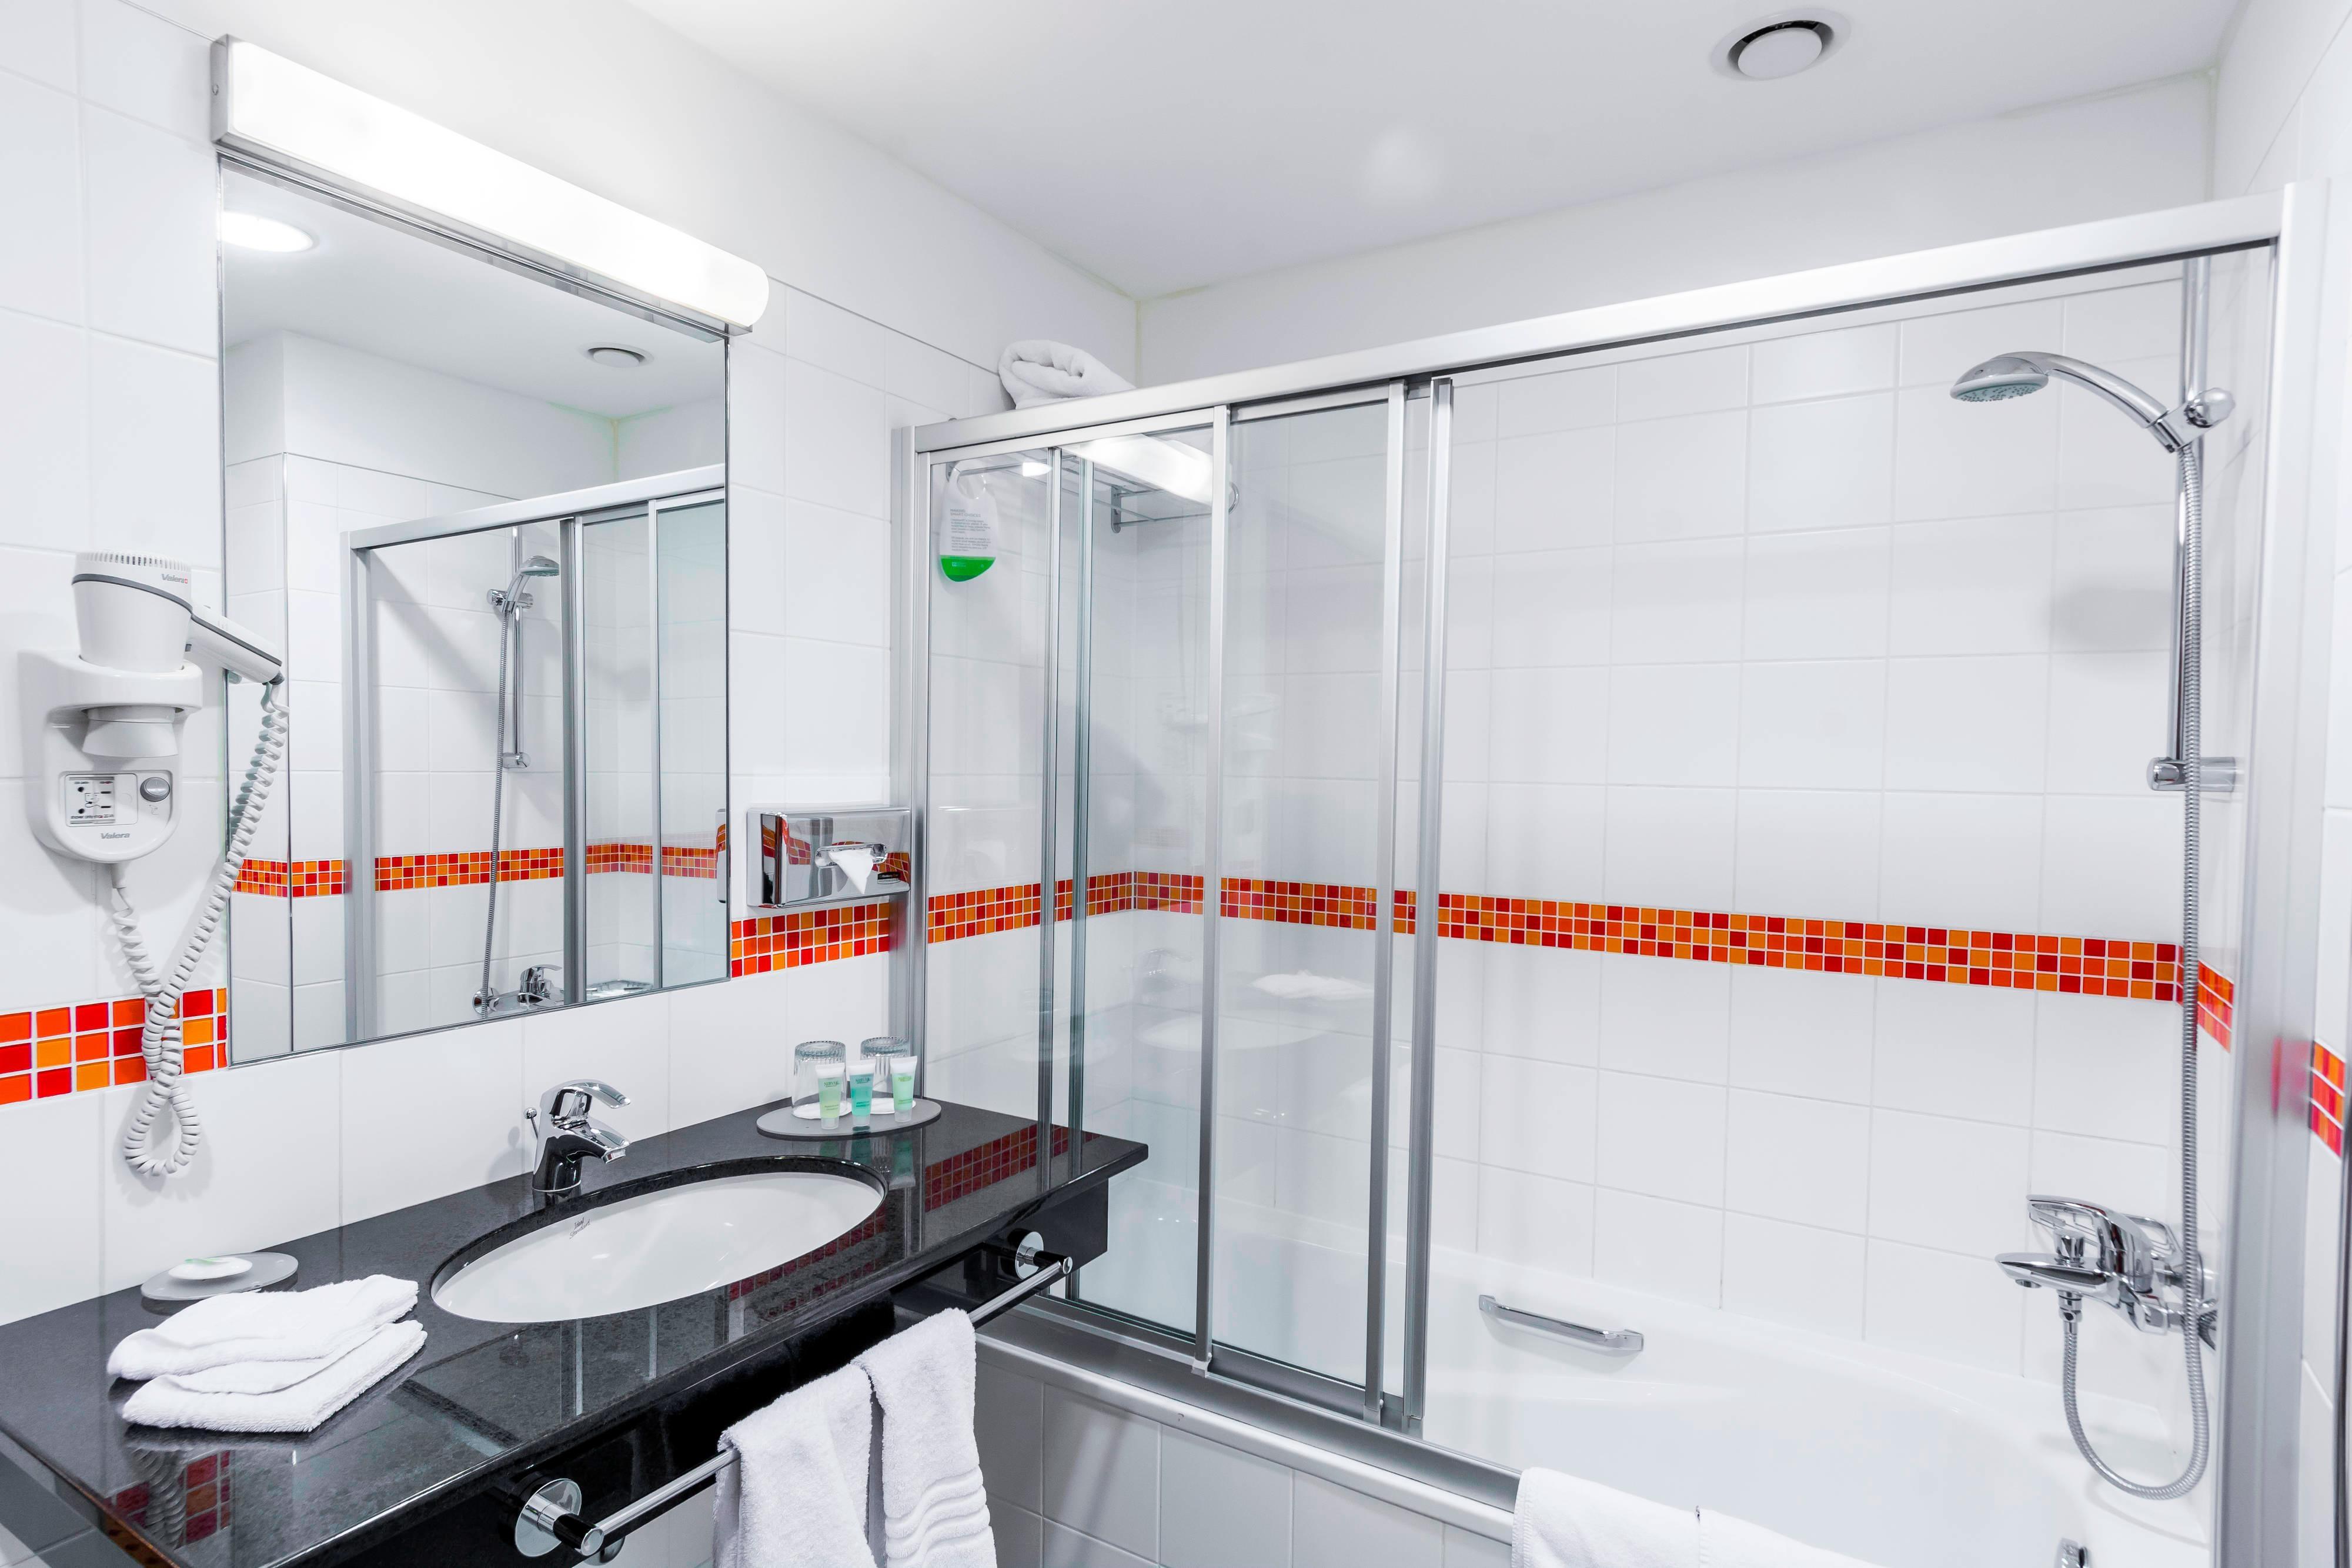 Pilsen hotel bathroom